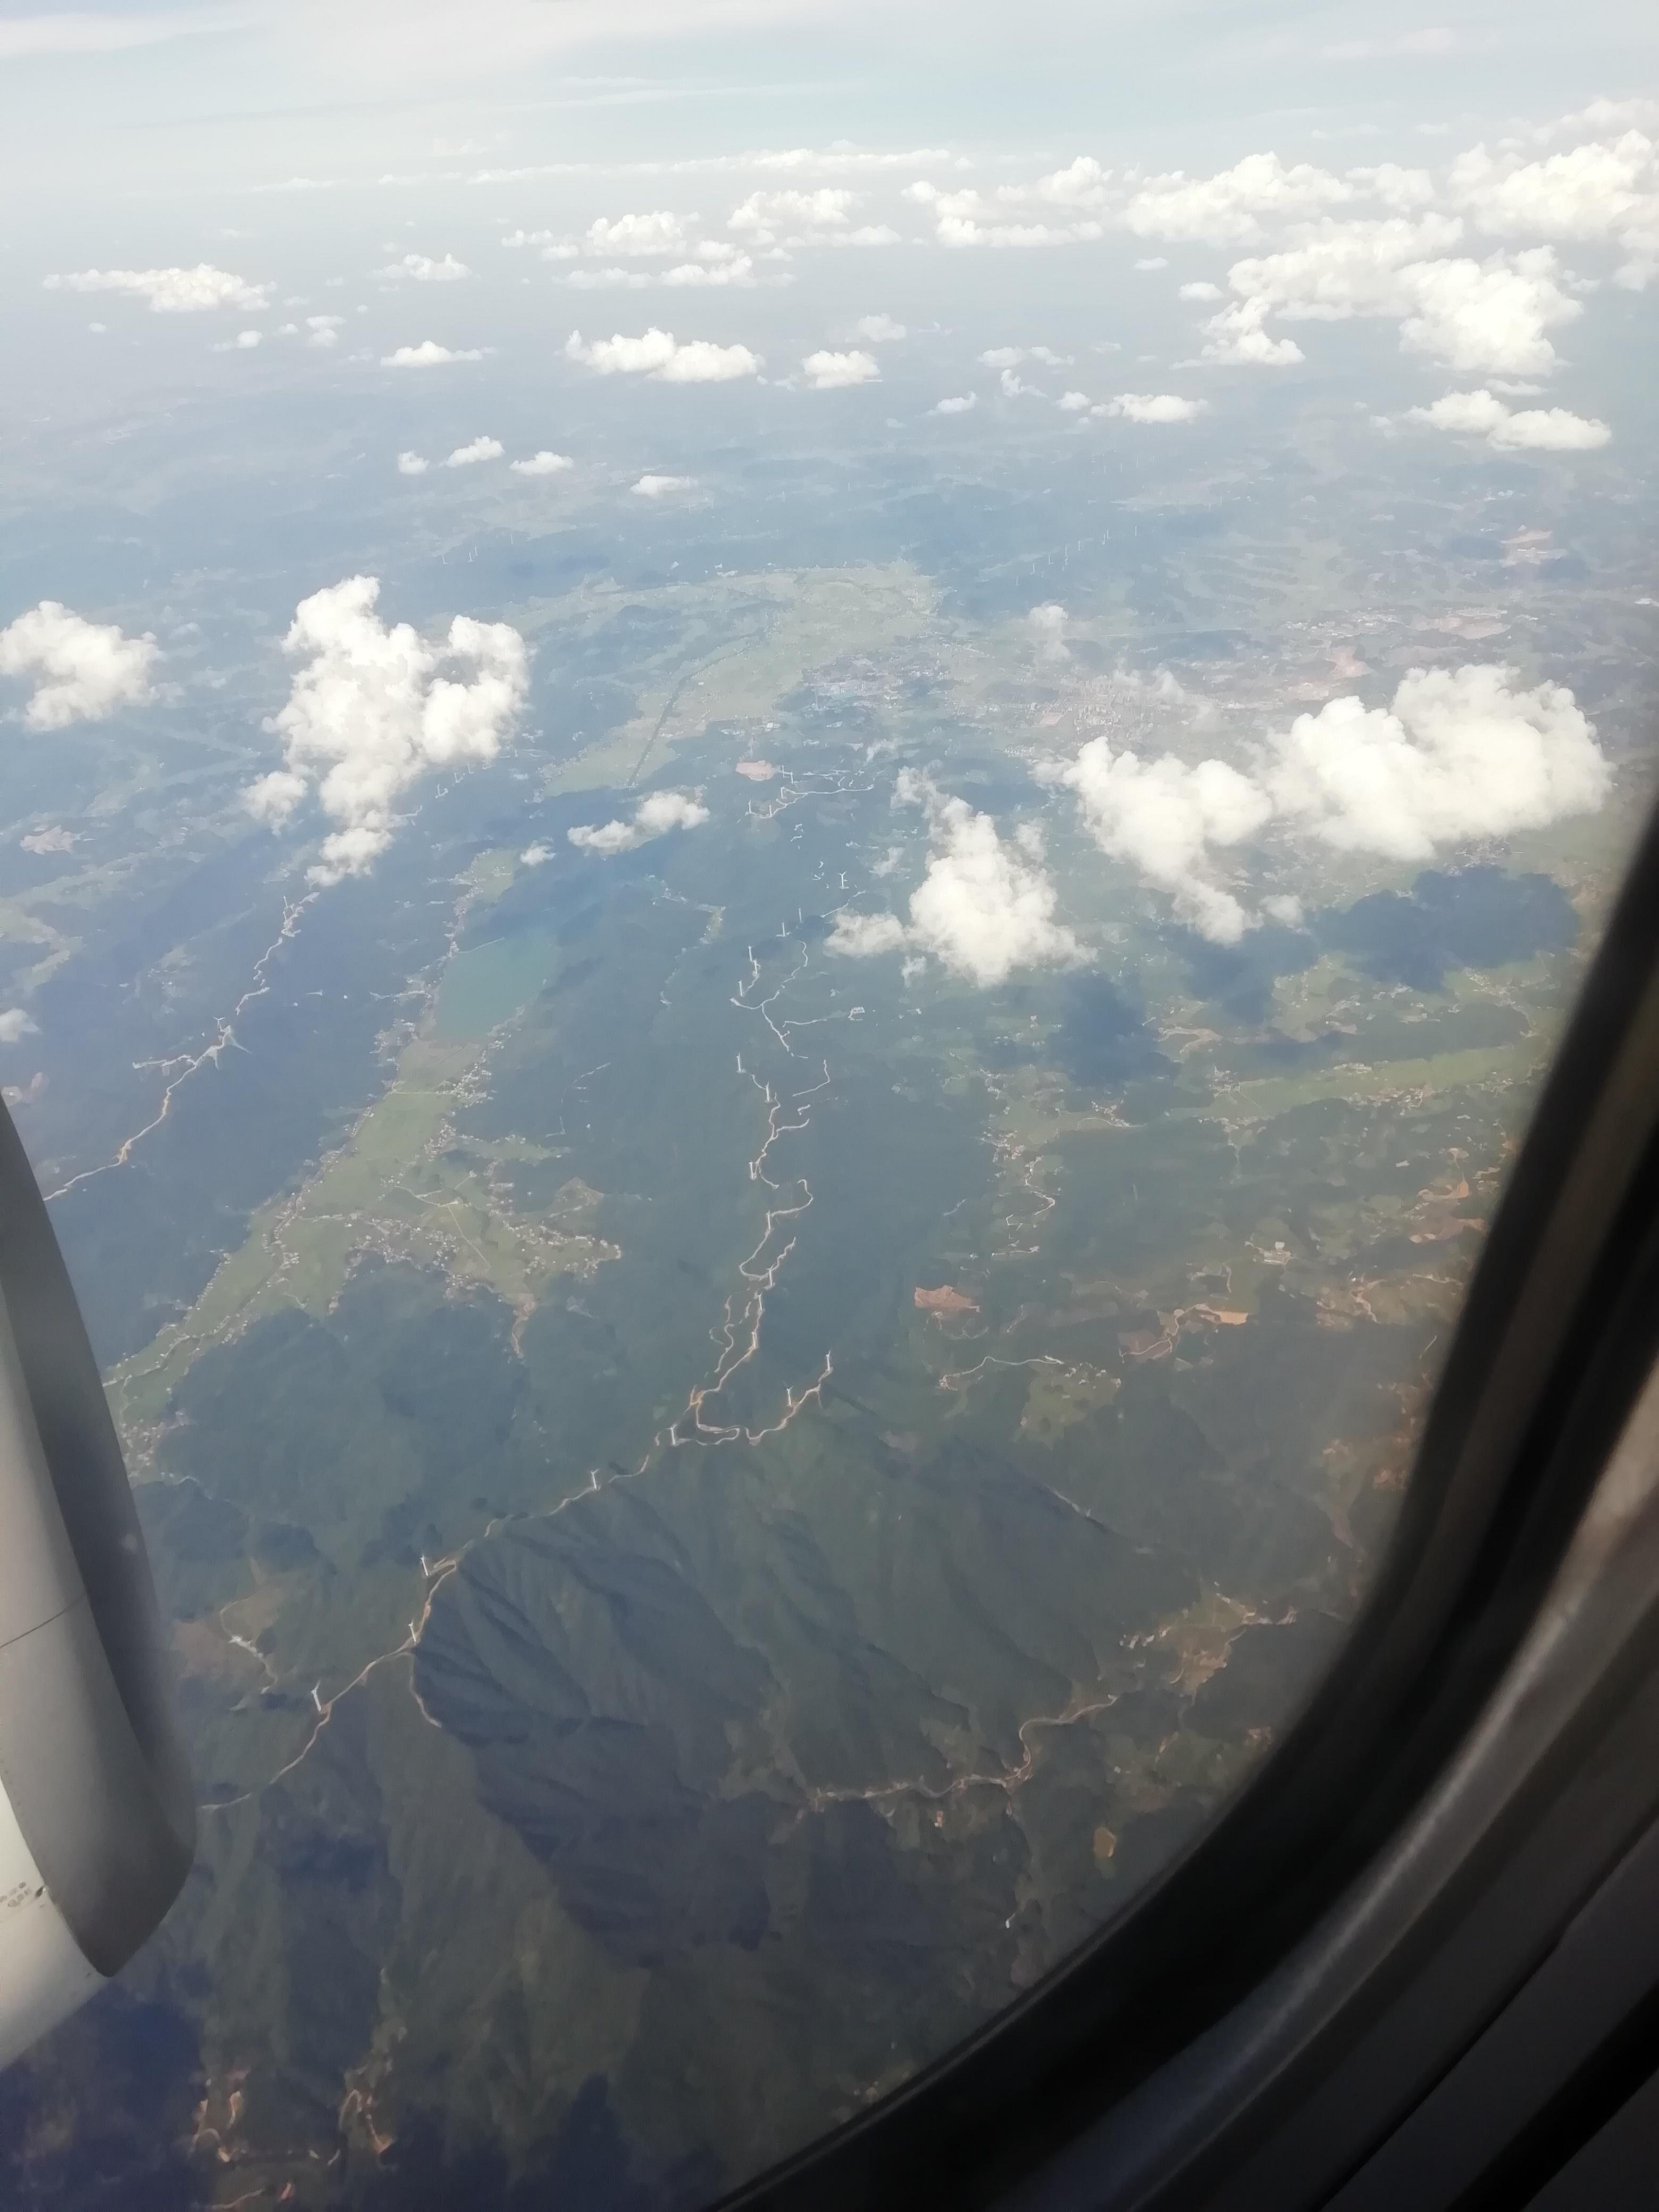 某个不知名的山脉?或者就是个小山丘?不确定高度,无法得知大小.....